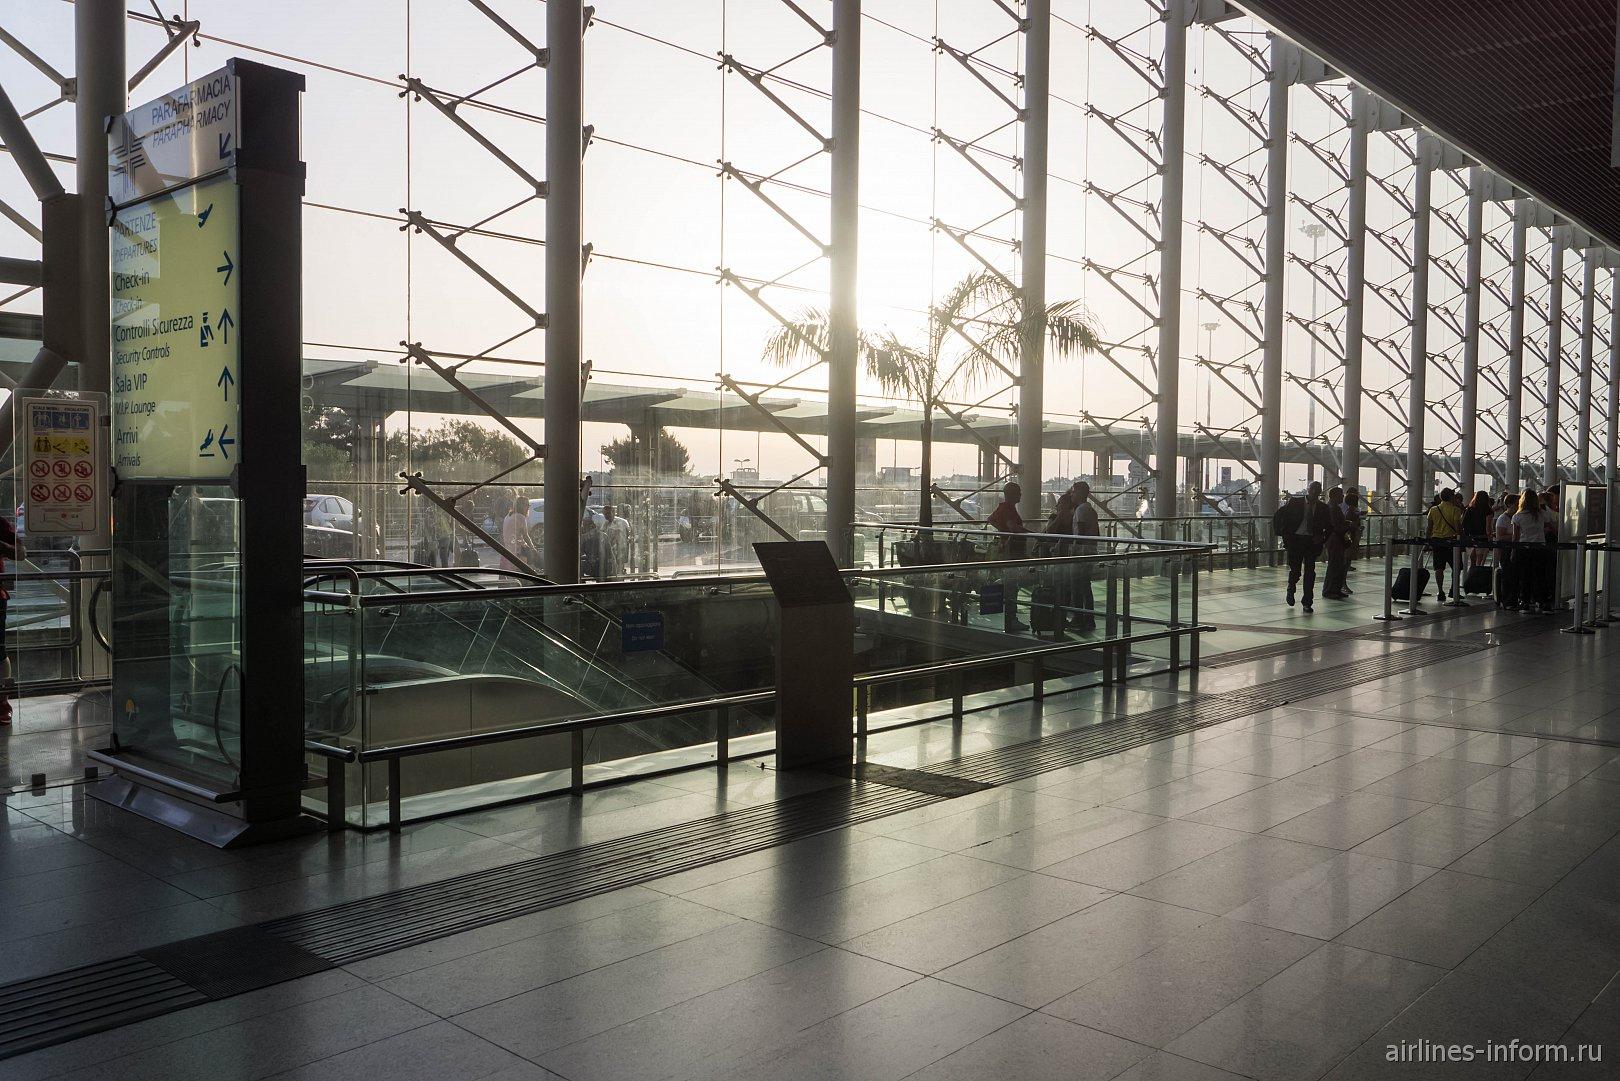 В терминале аэропорта Катания-Фонтанаросса